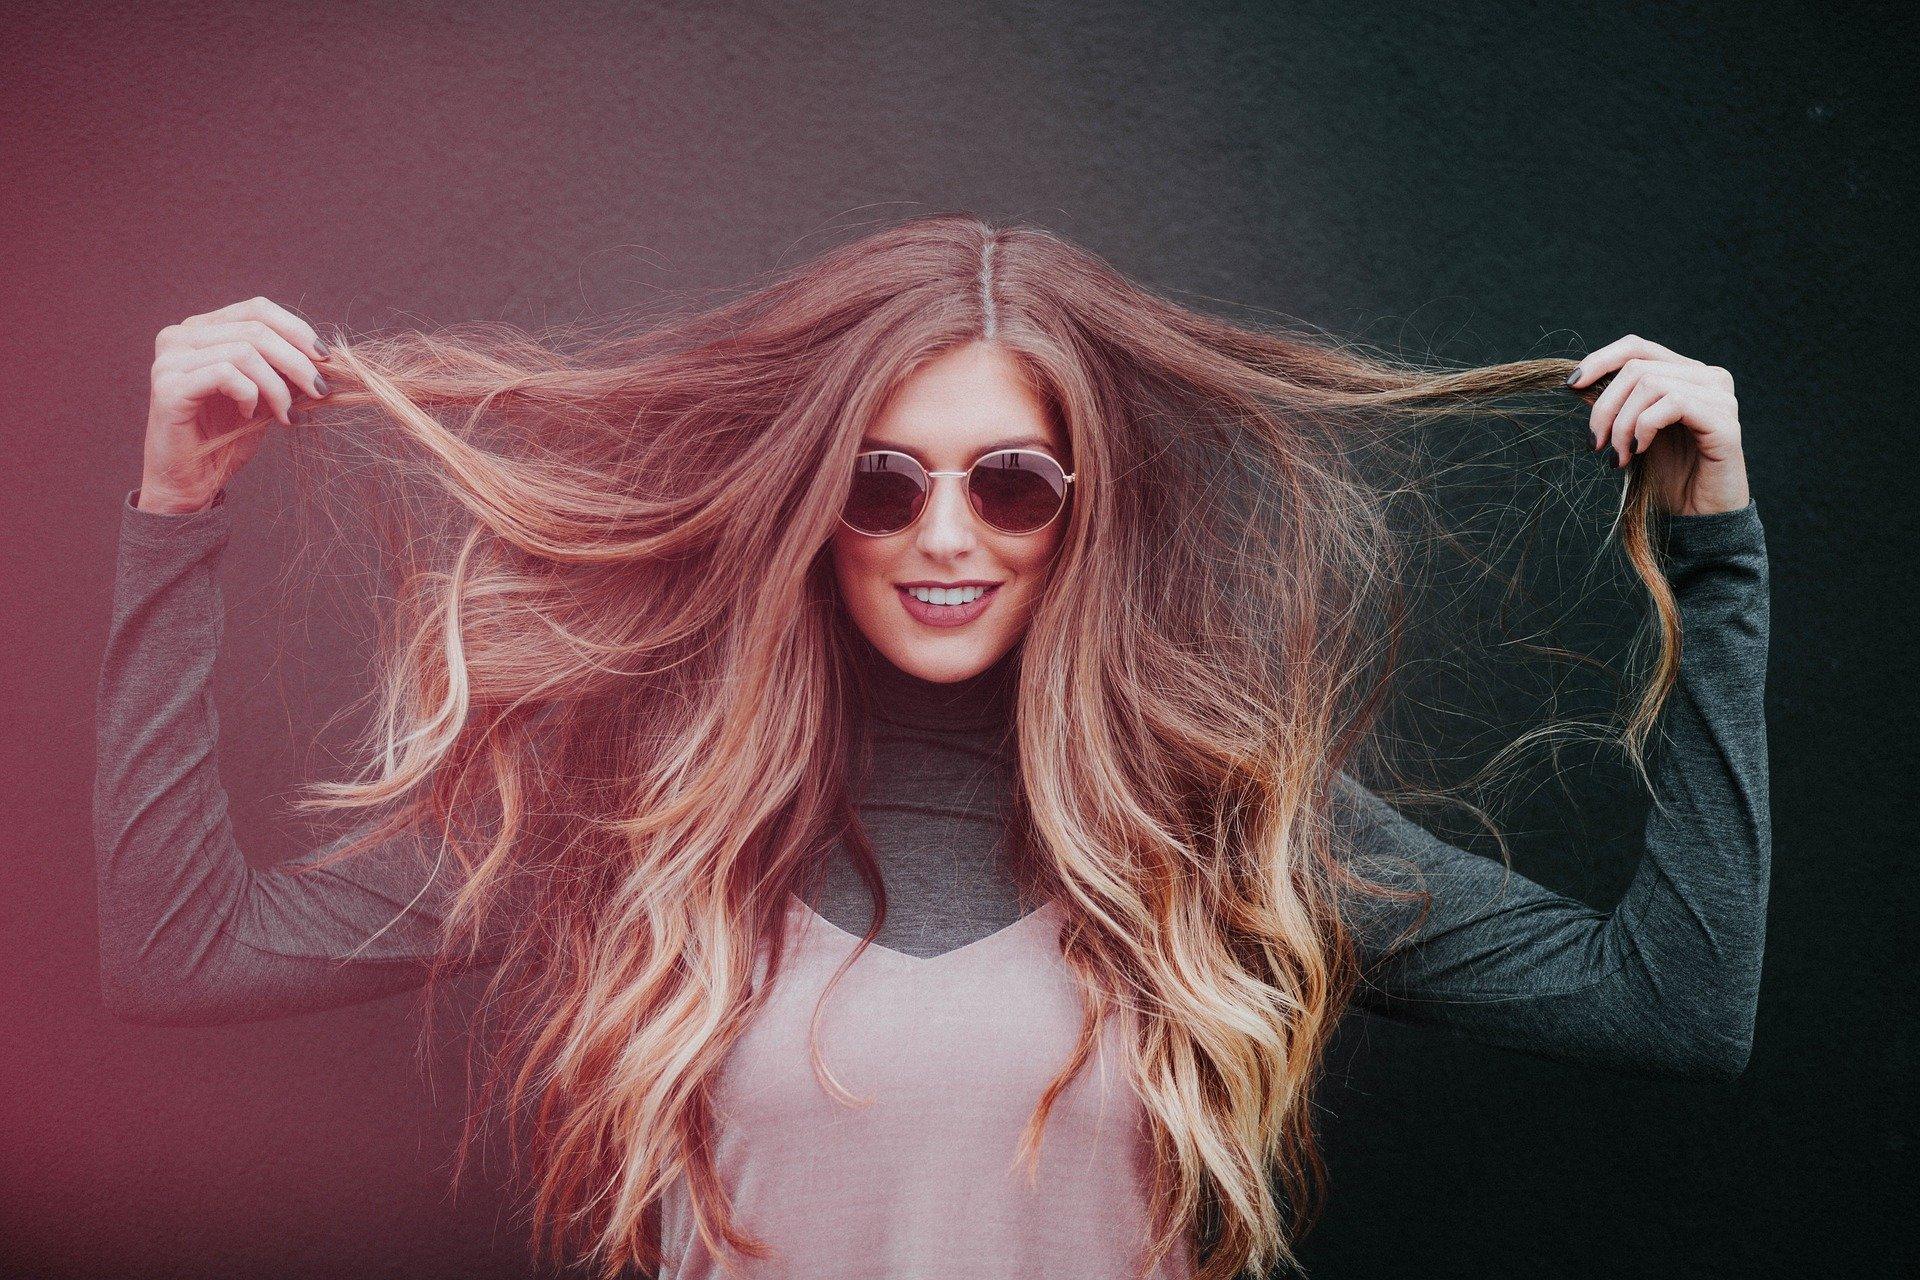 Tinsel Hair : la tendance des fils pailletés dans les cheveux